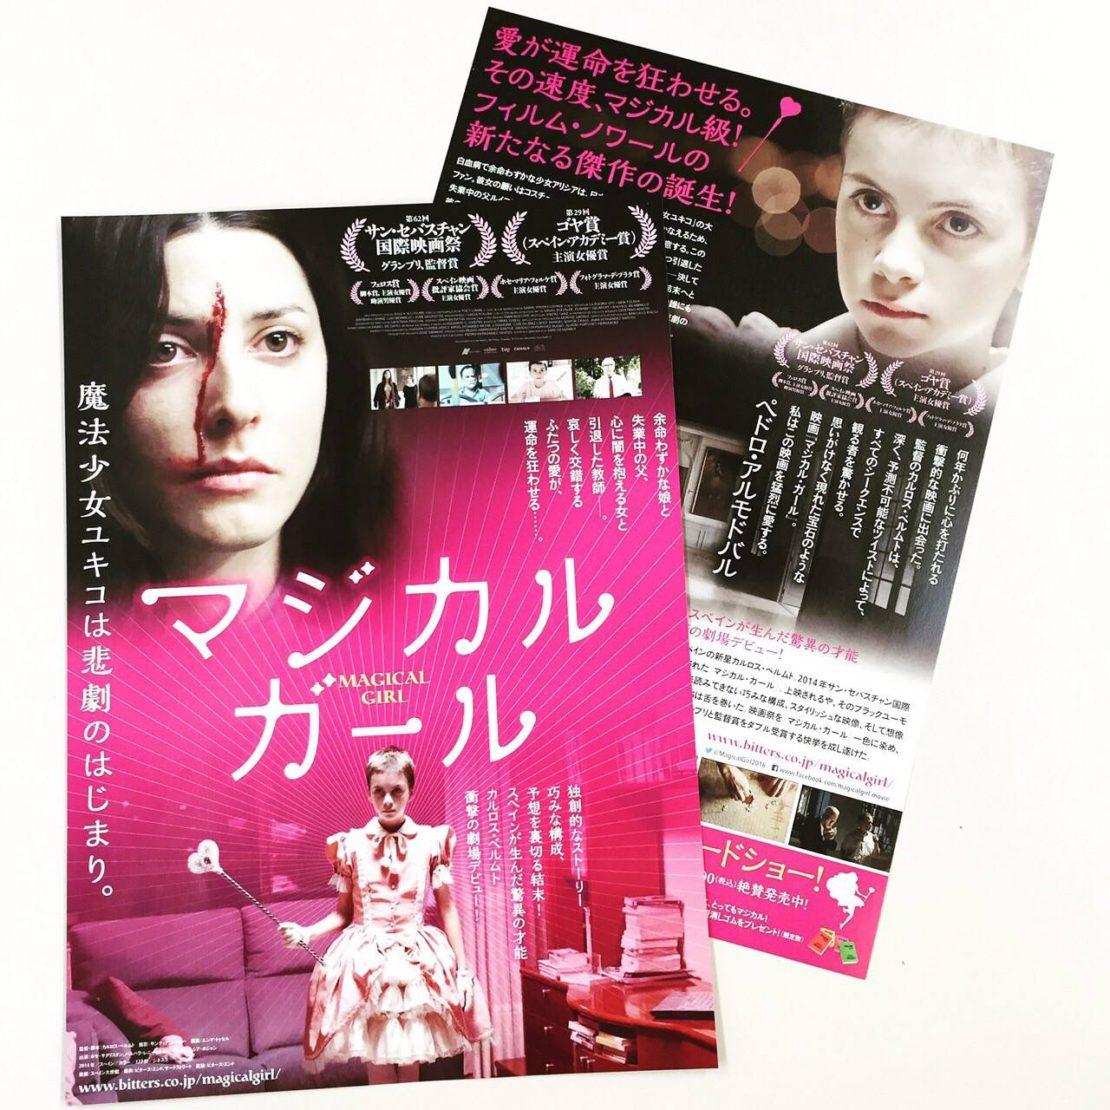 伏見ミリオン座で上映の「マジカル・ガール」がバル・イスパニア伏見店とタイアップ